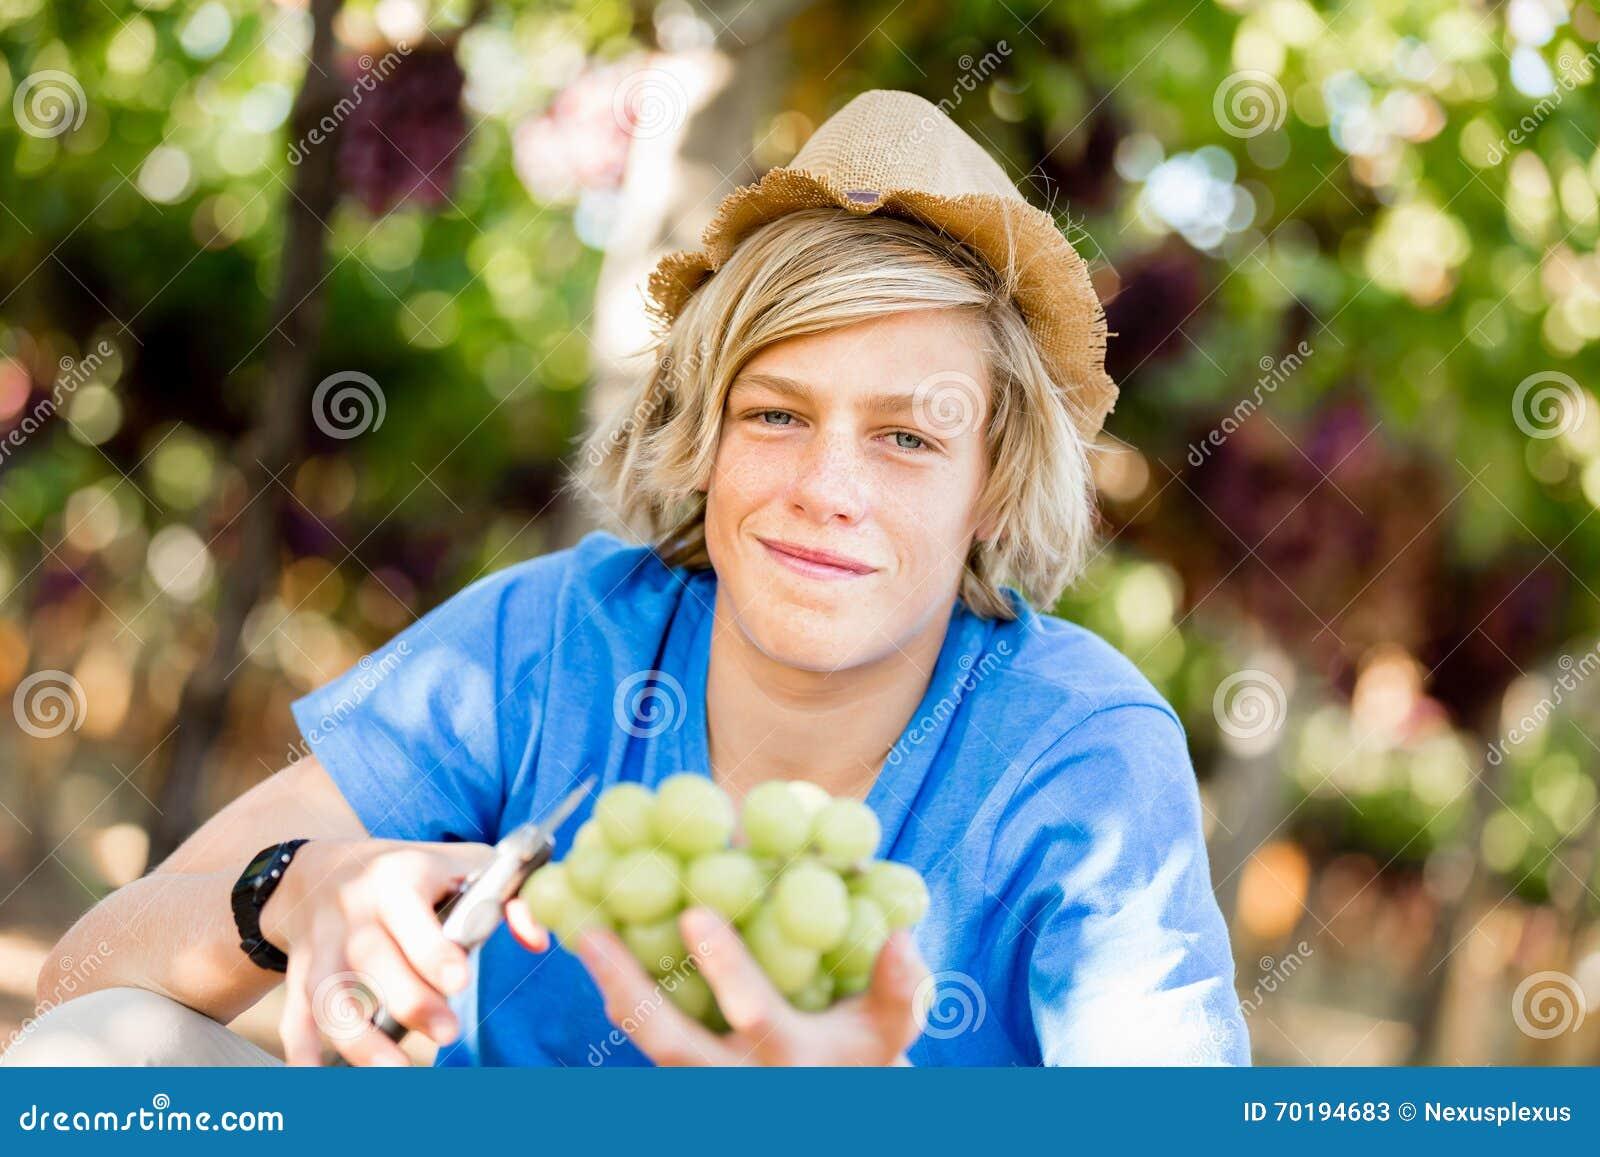 Pojke i vingård